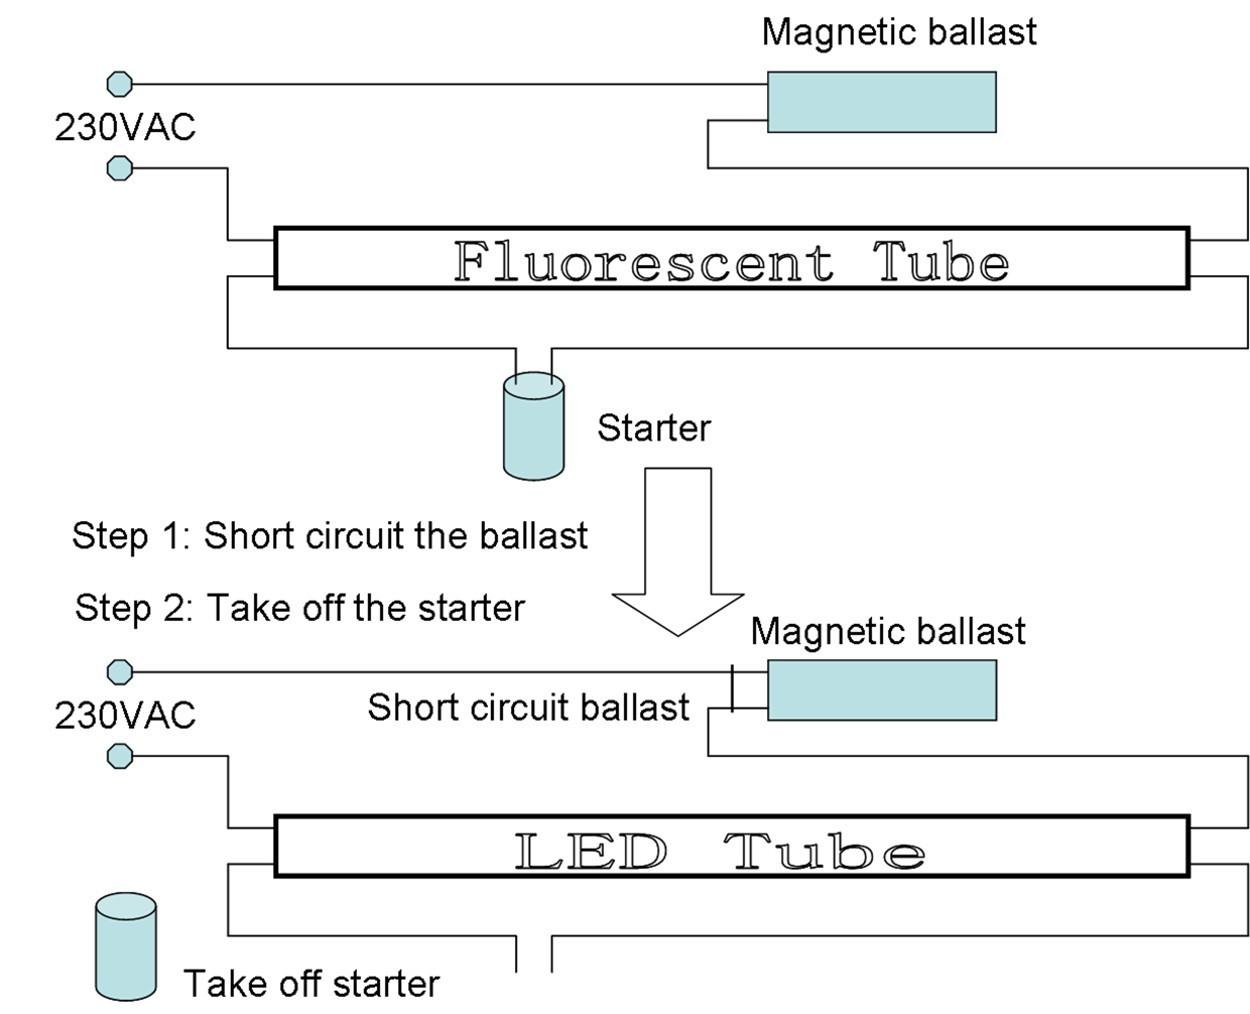 fluorescent light fixture wiring diagram likewise fluorescent light rh 66 42 98 166